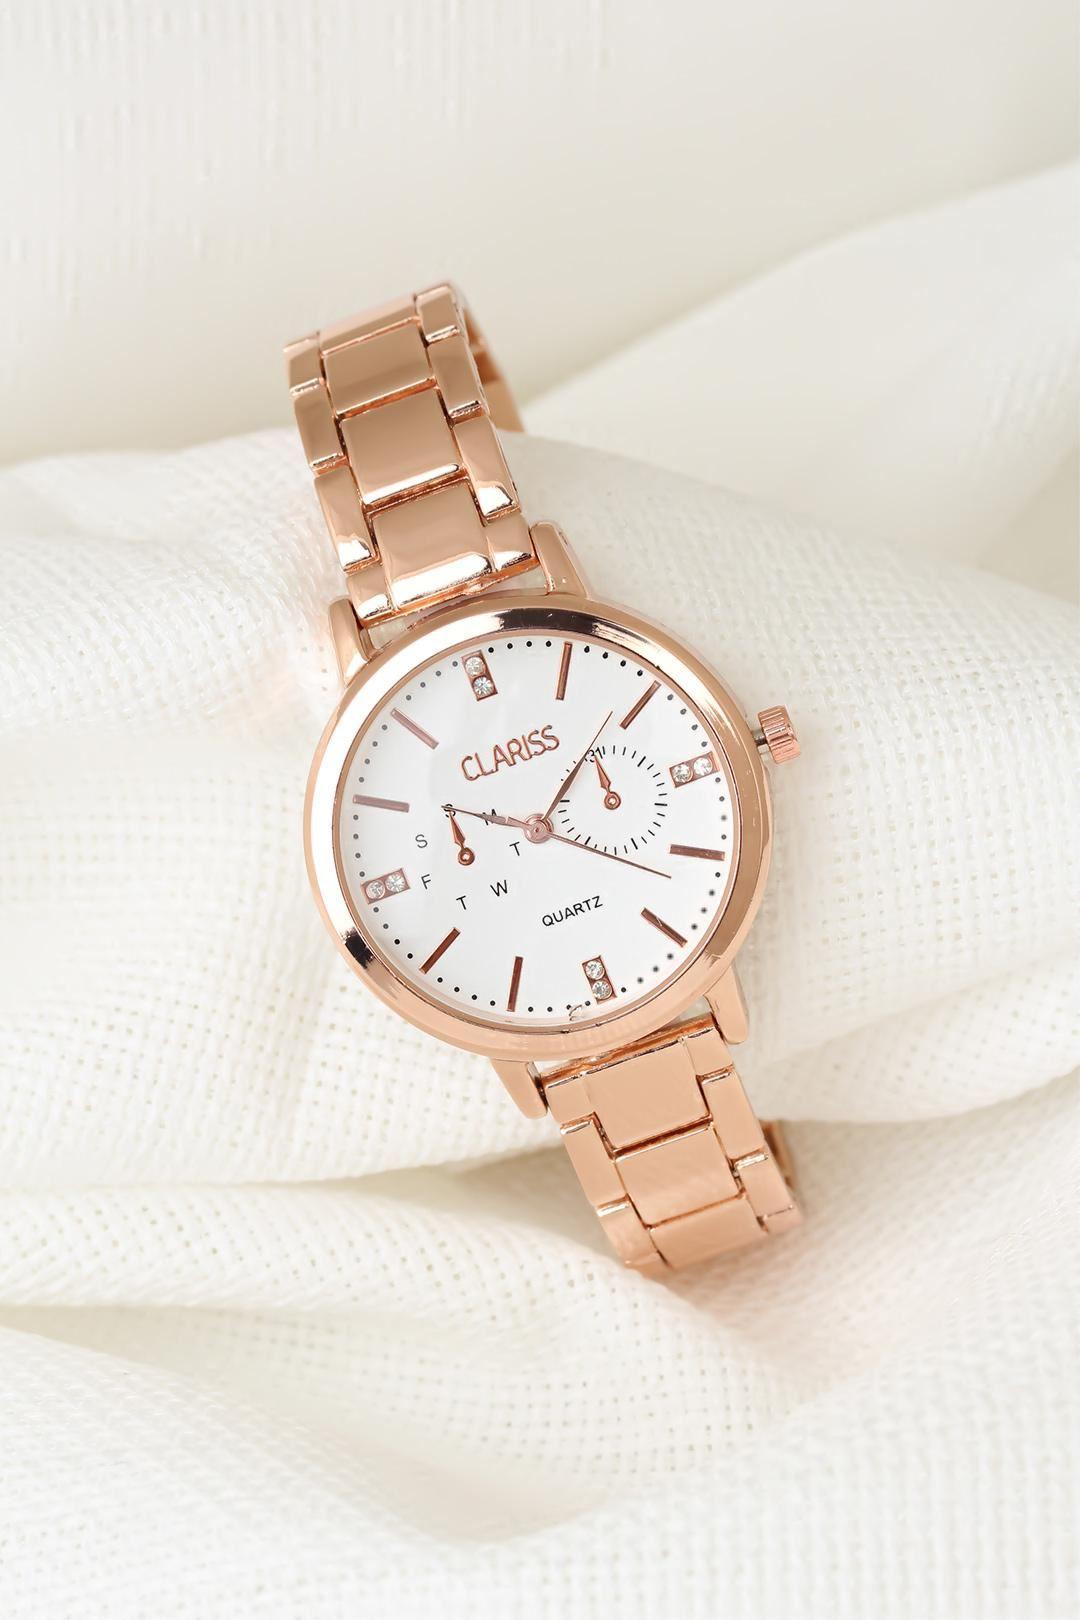 Rose Renk Metal Kordonlu Beyaz İç Tasarımlı Yeni Sezon Clariss Marka Bayan Kol Saati